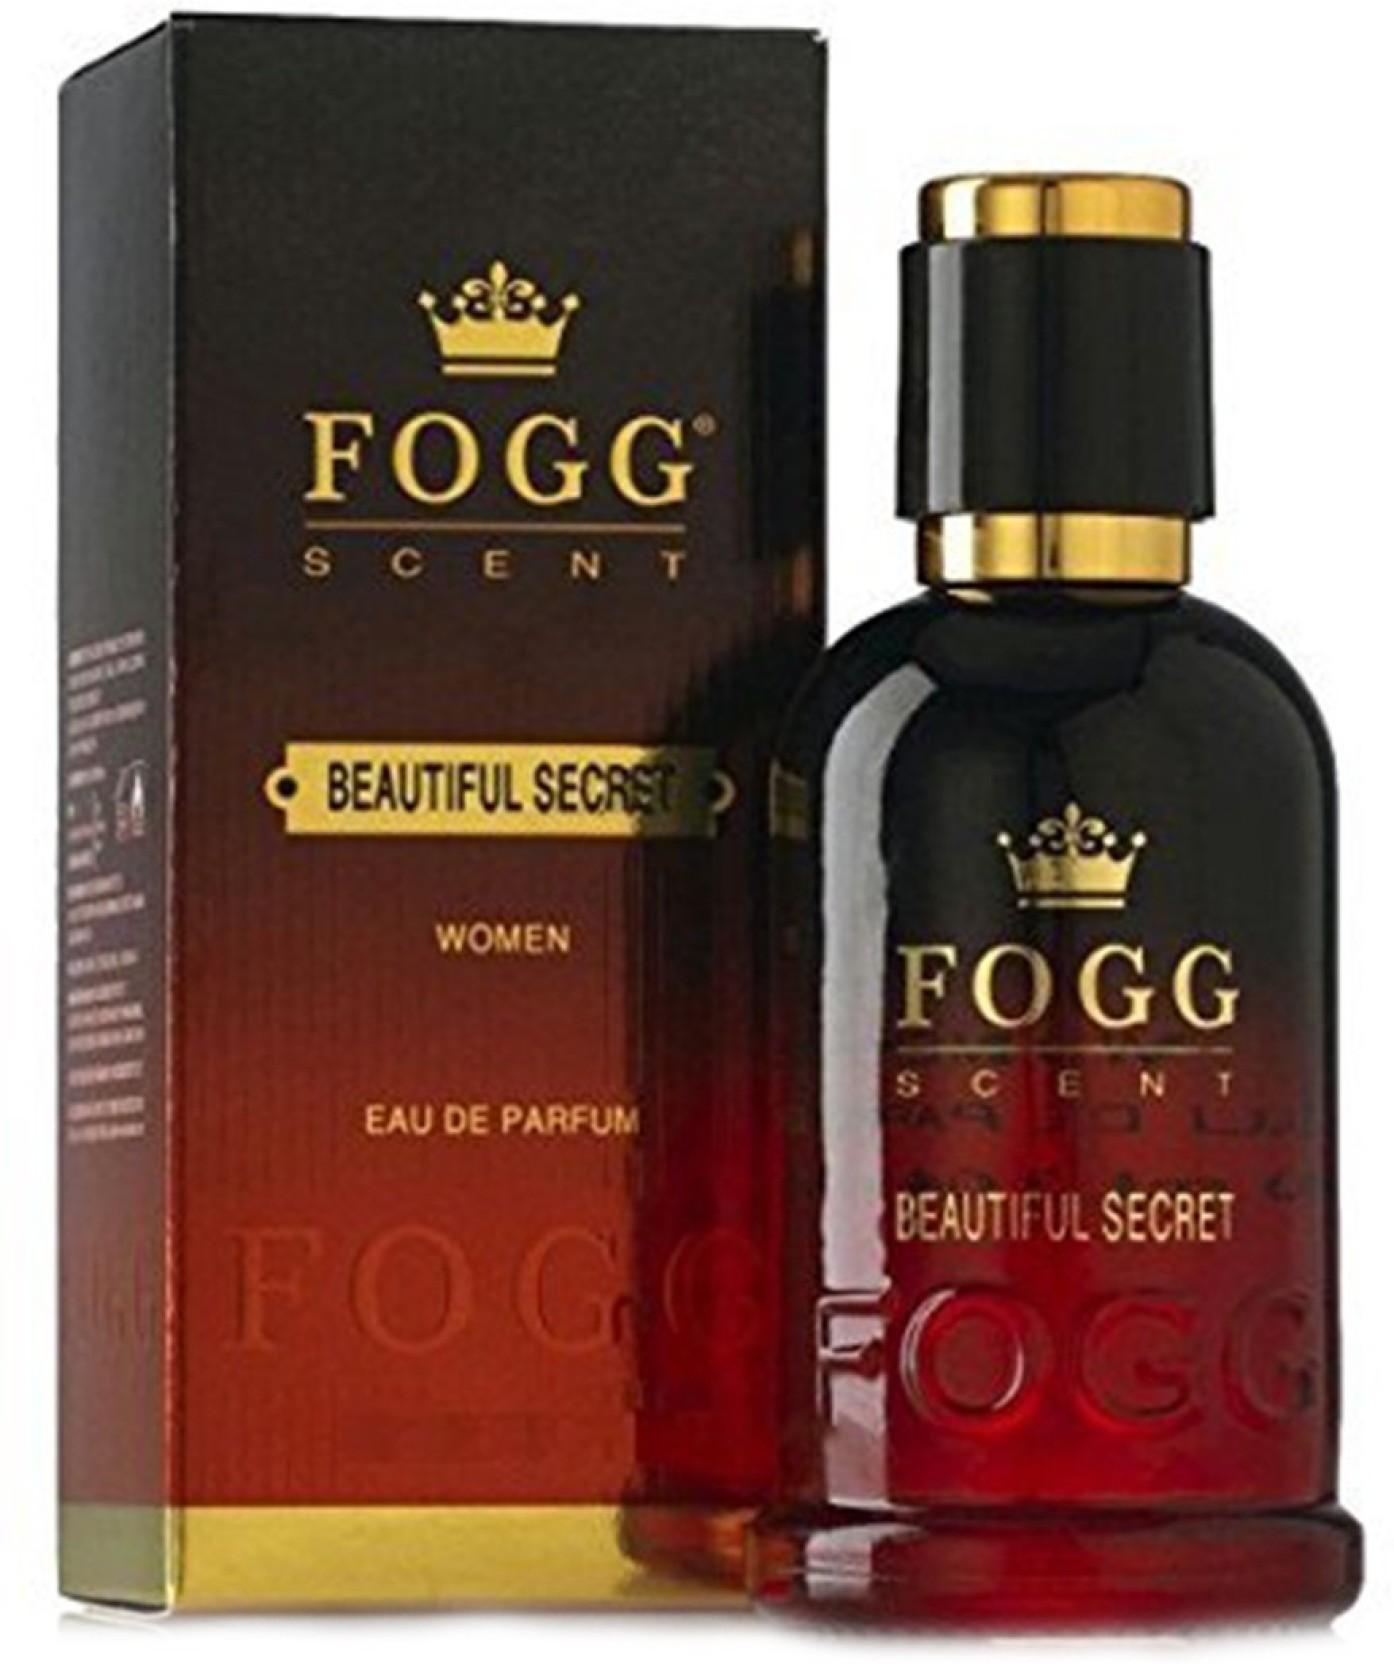 Fogg Scent Beautiful Secret Eau De Parfum For Women